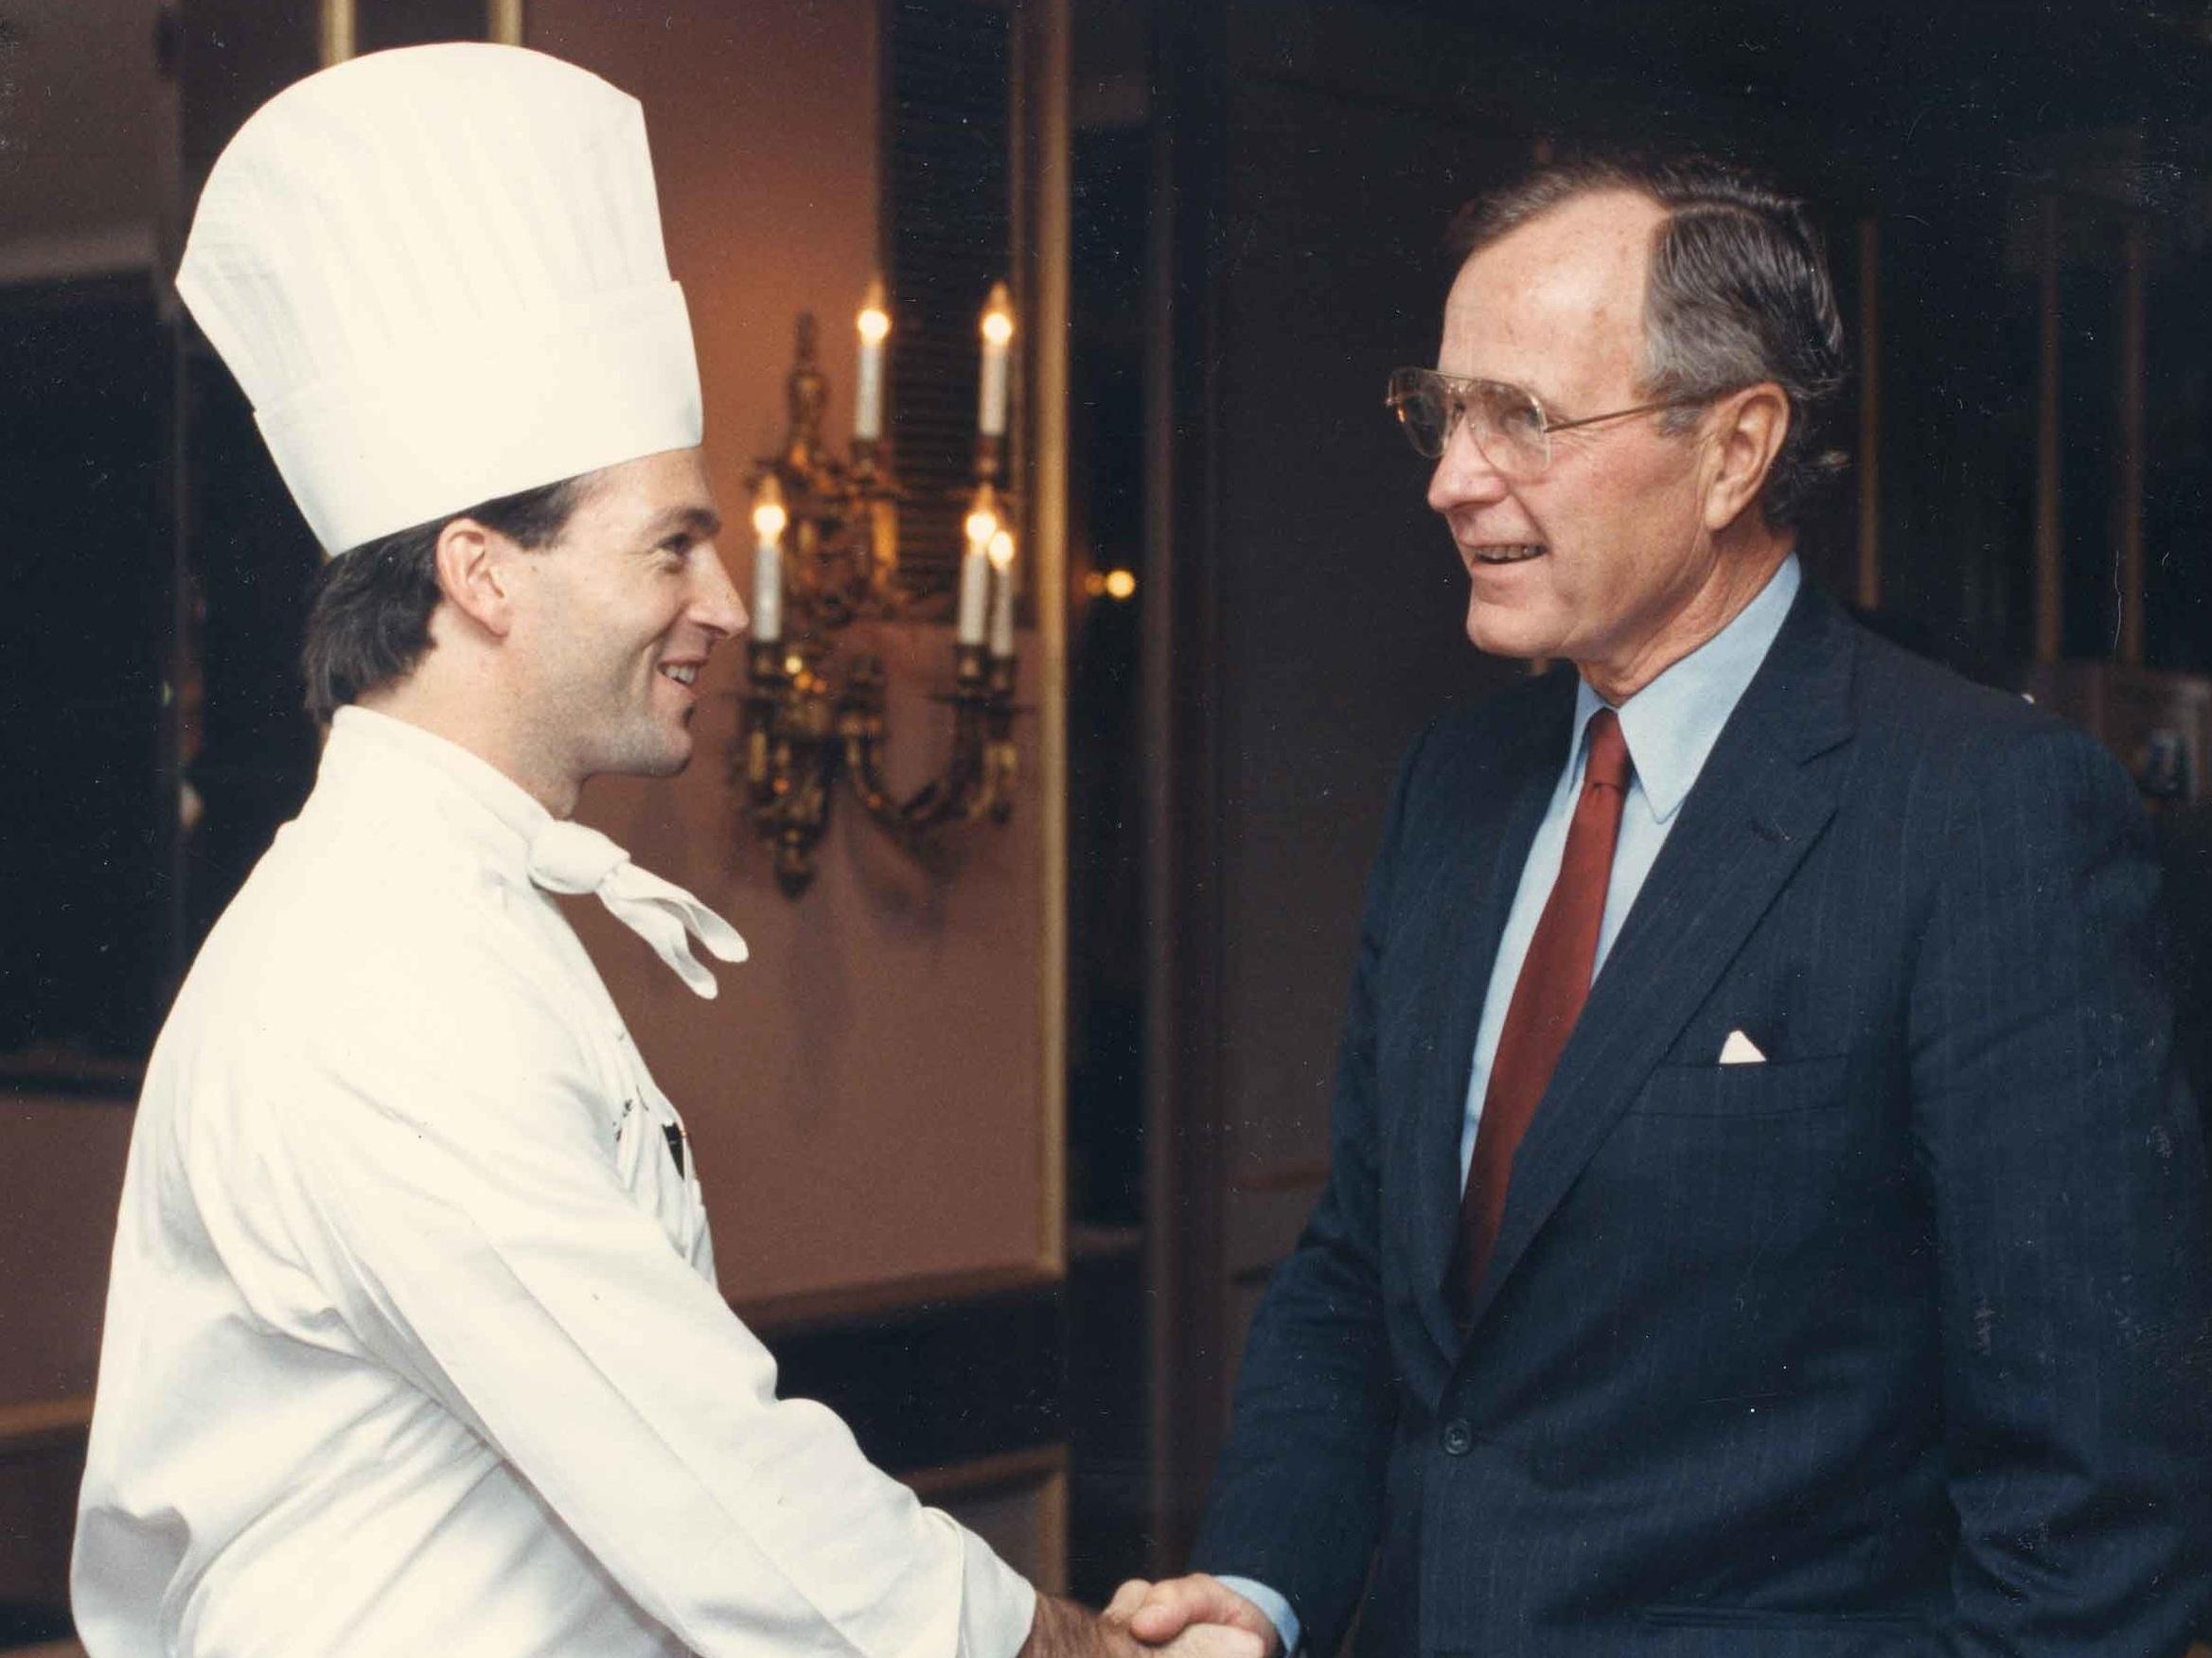 JD-with-George-HW-Bush.jpg